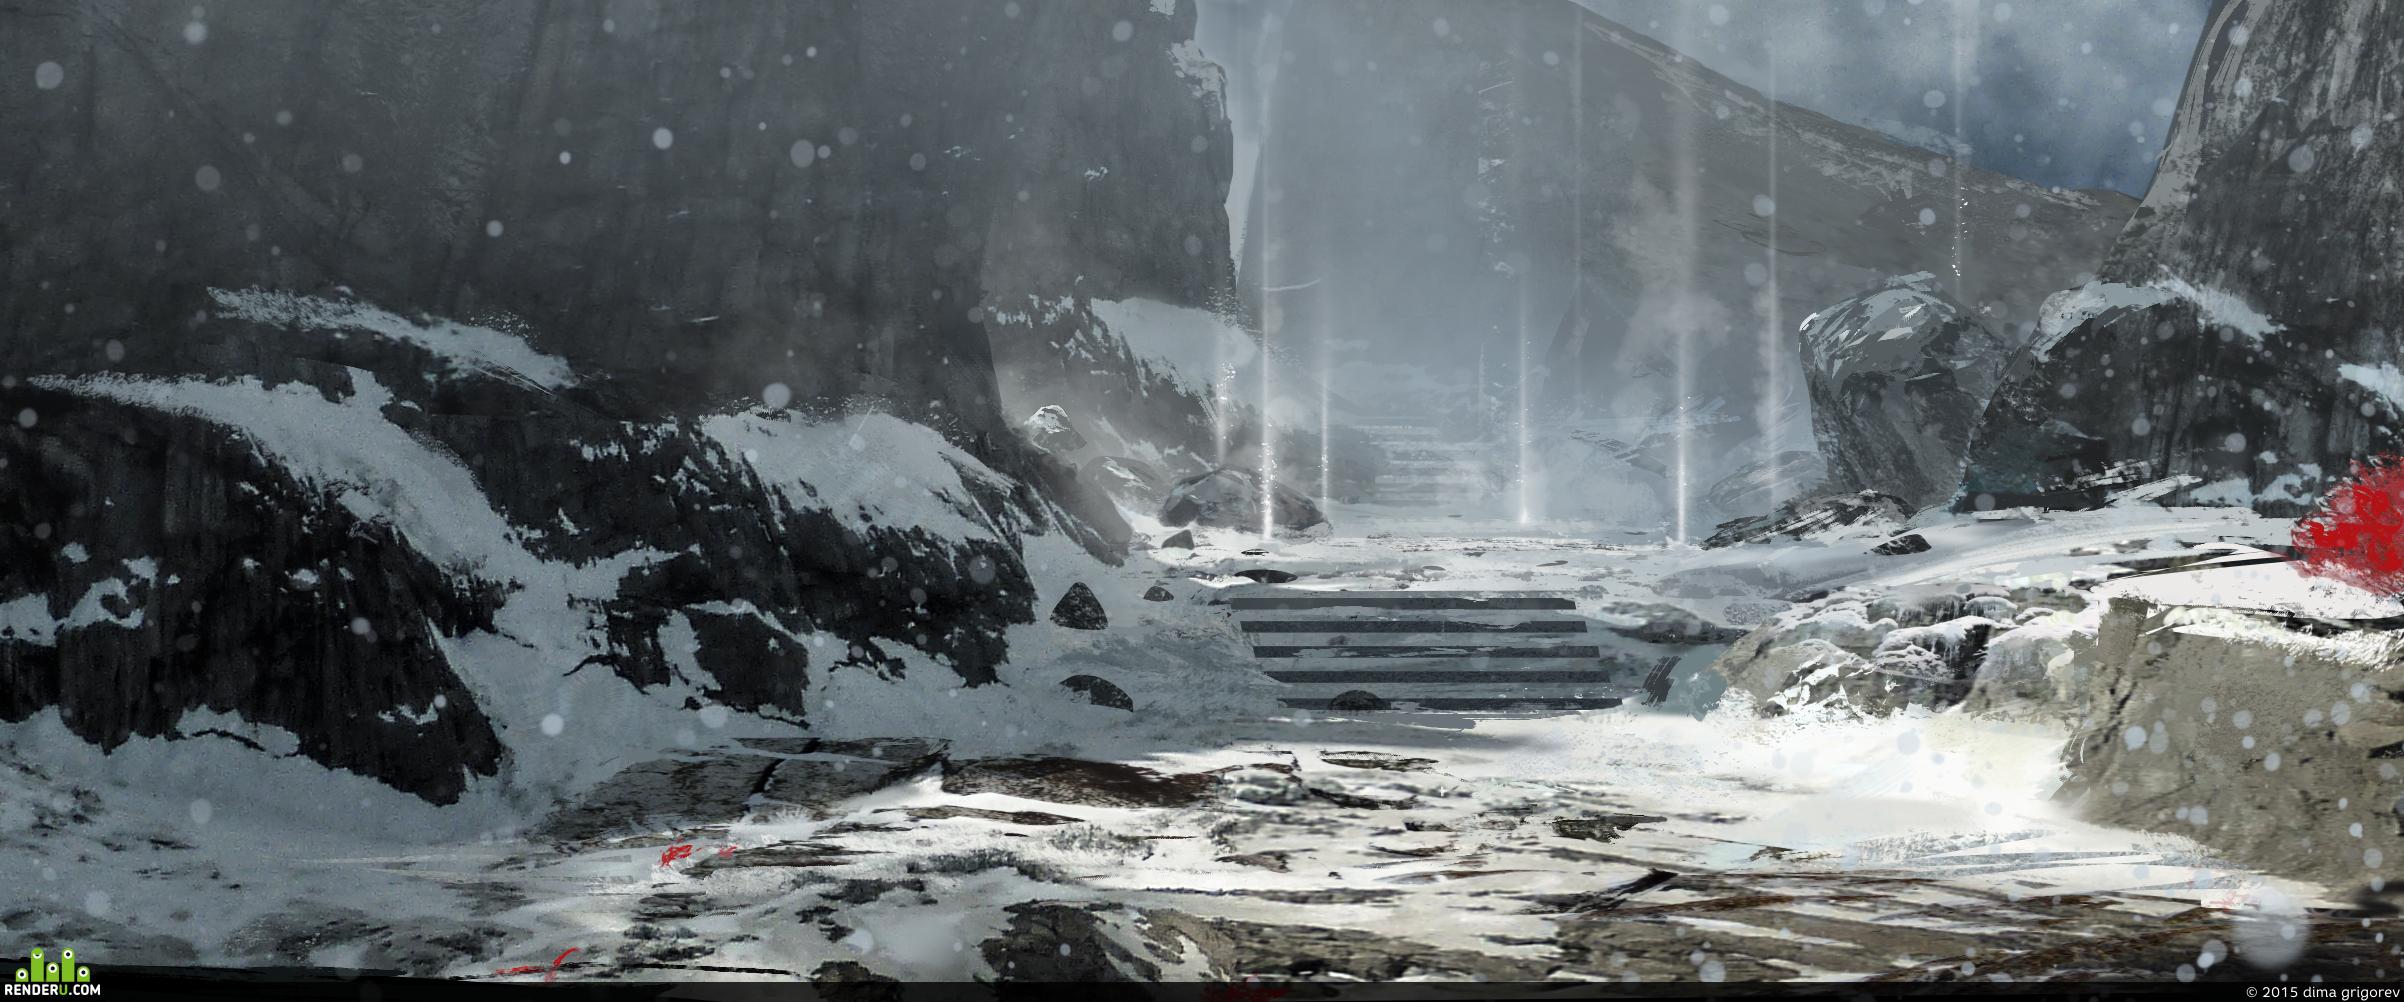 preview SnowConcepts